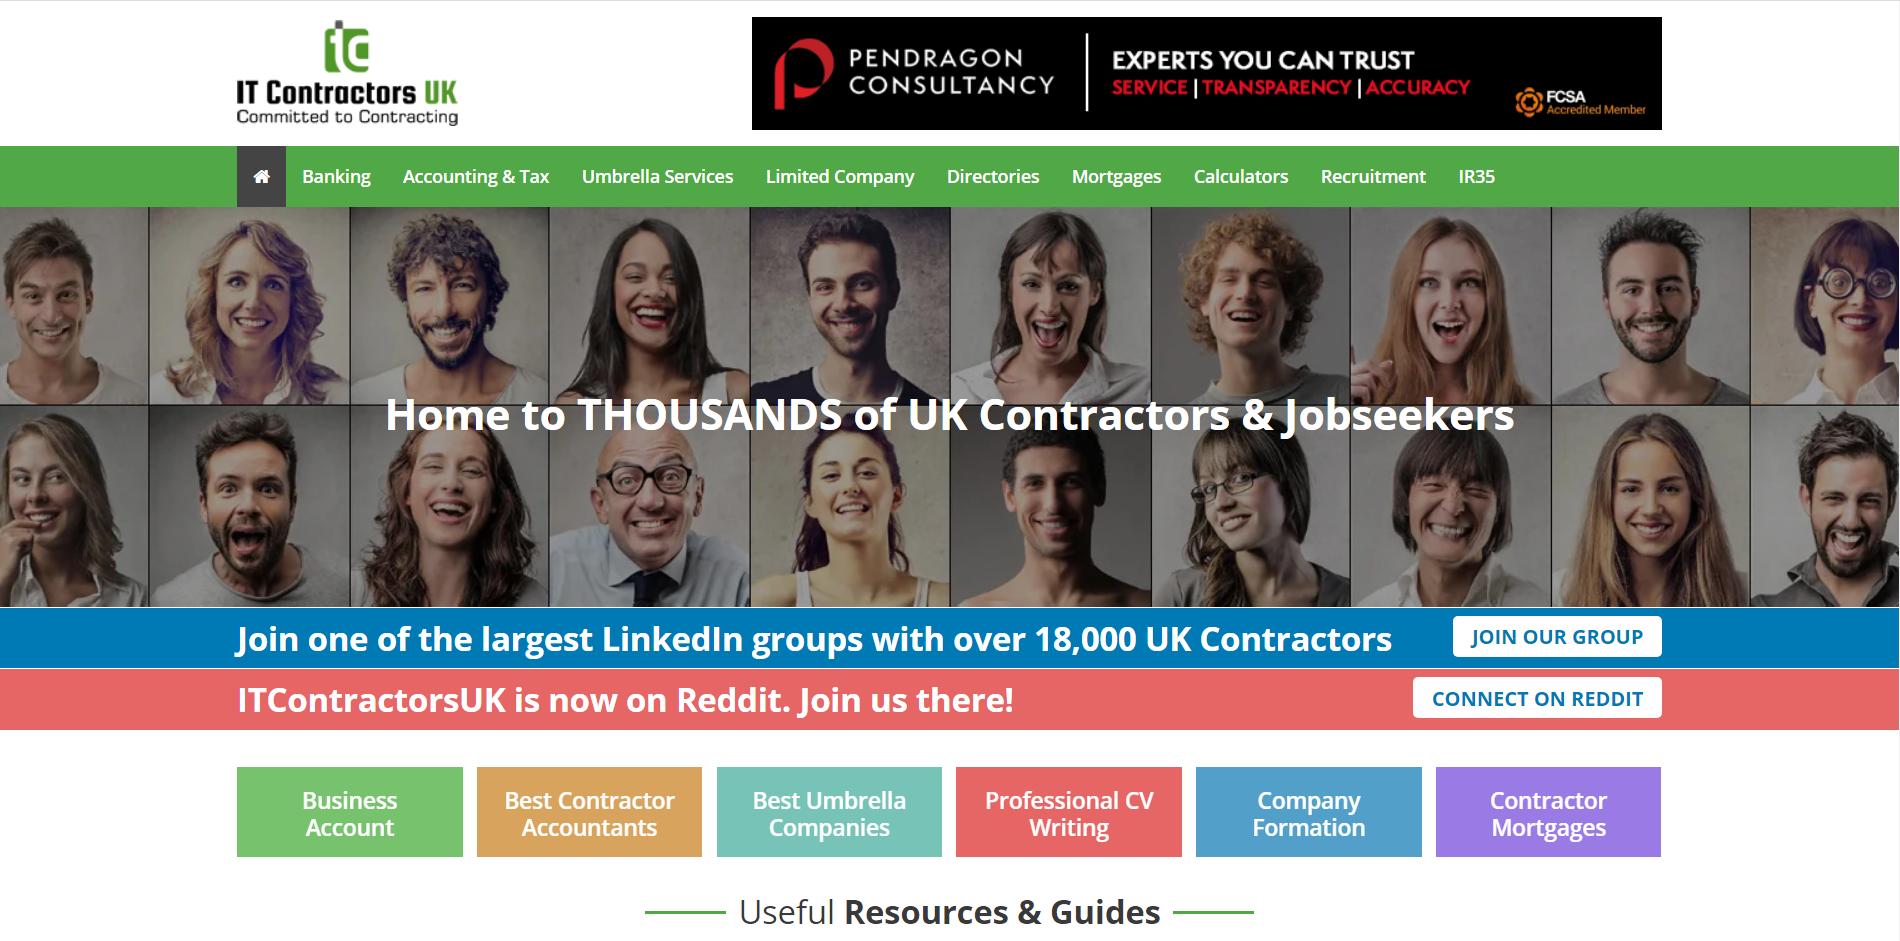 IT Contractors UK